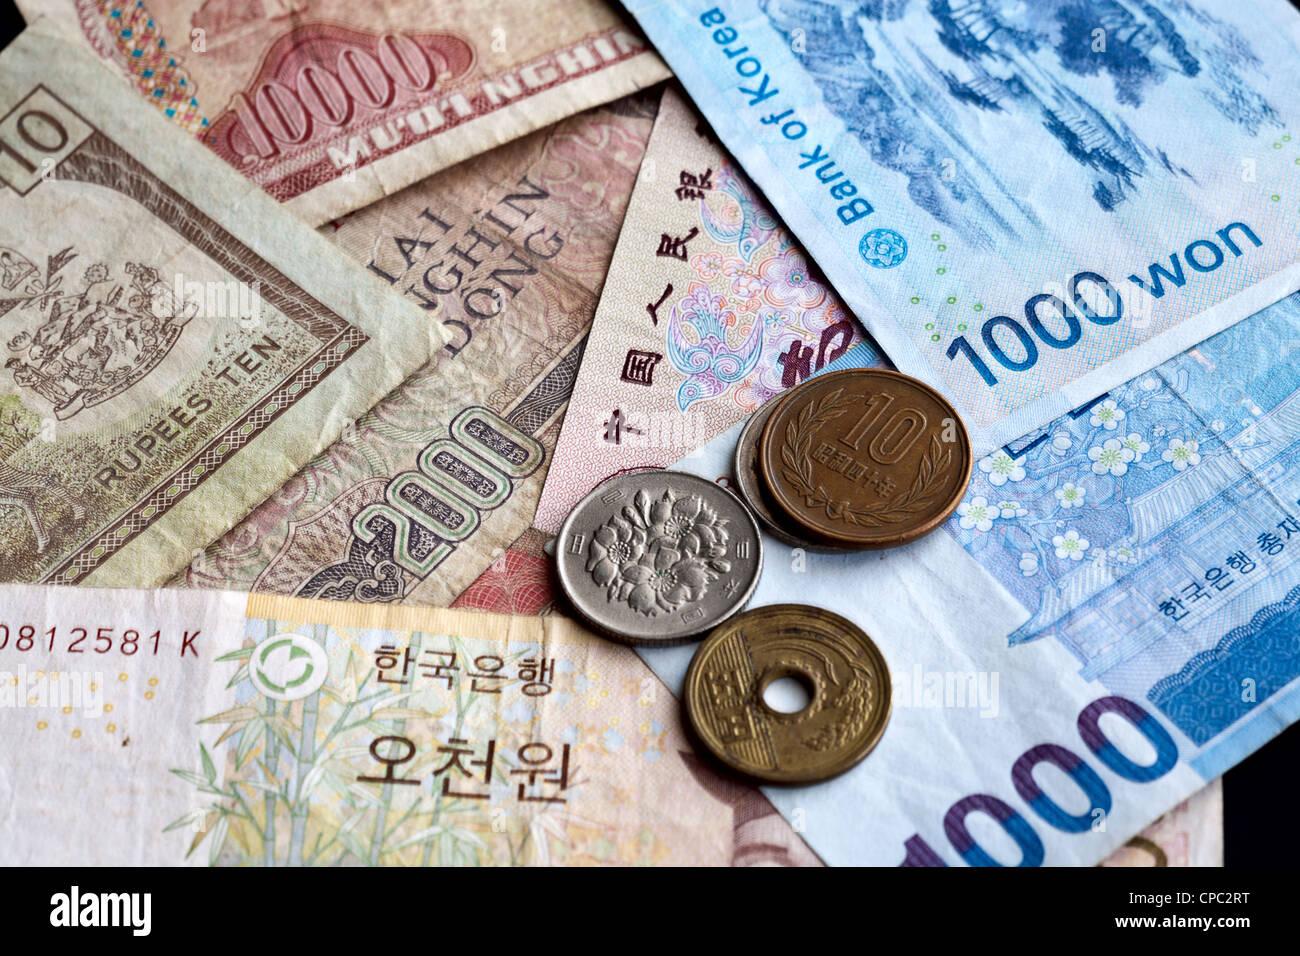 Eine Nahaufnahme Von Den Asiatischen Währungen Vietnamesischer Dong